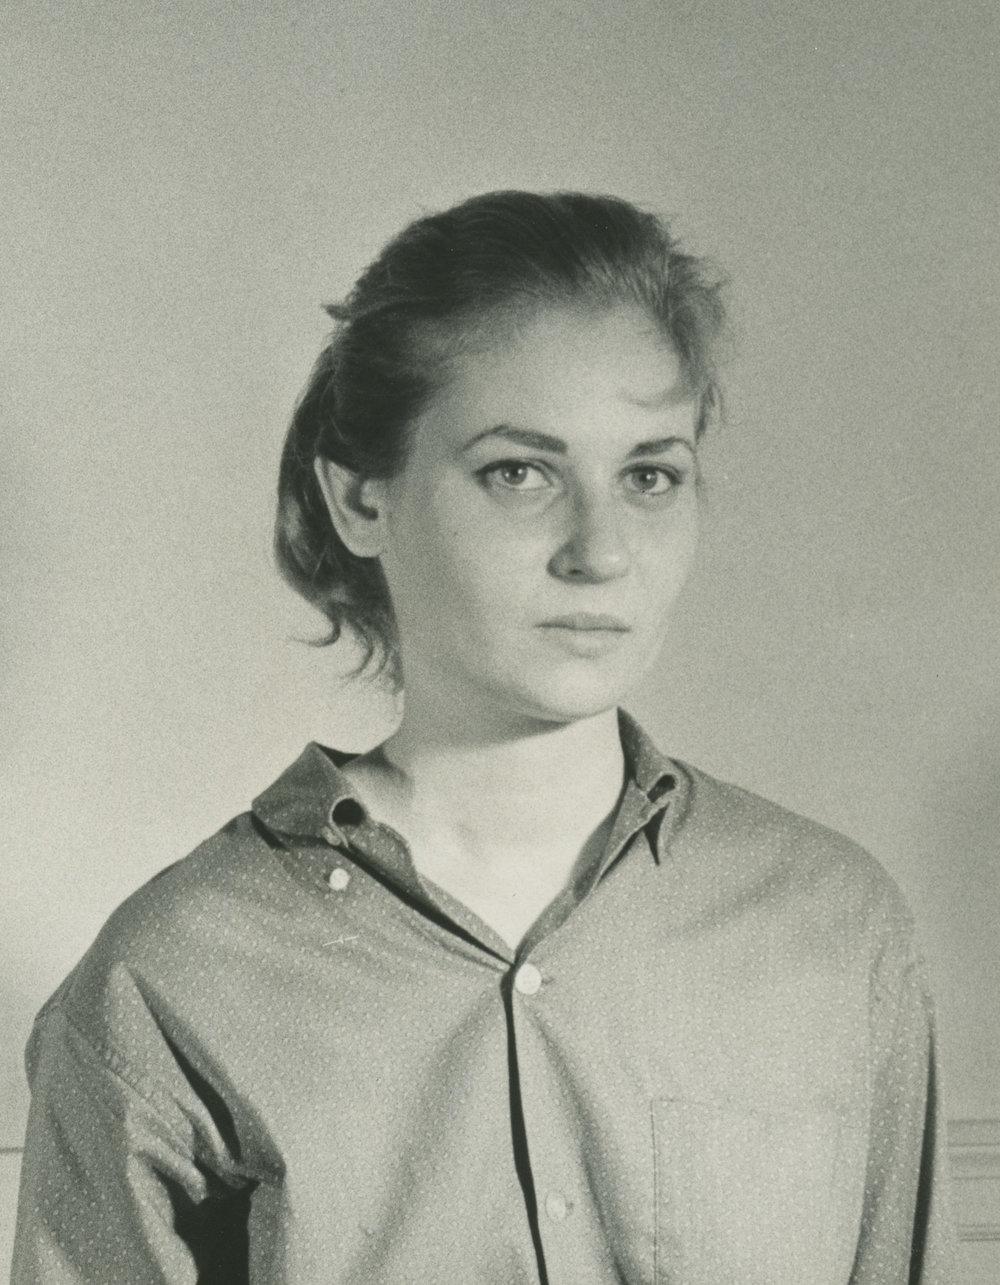 Heyman, Arlene (1).jpg